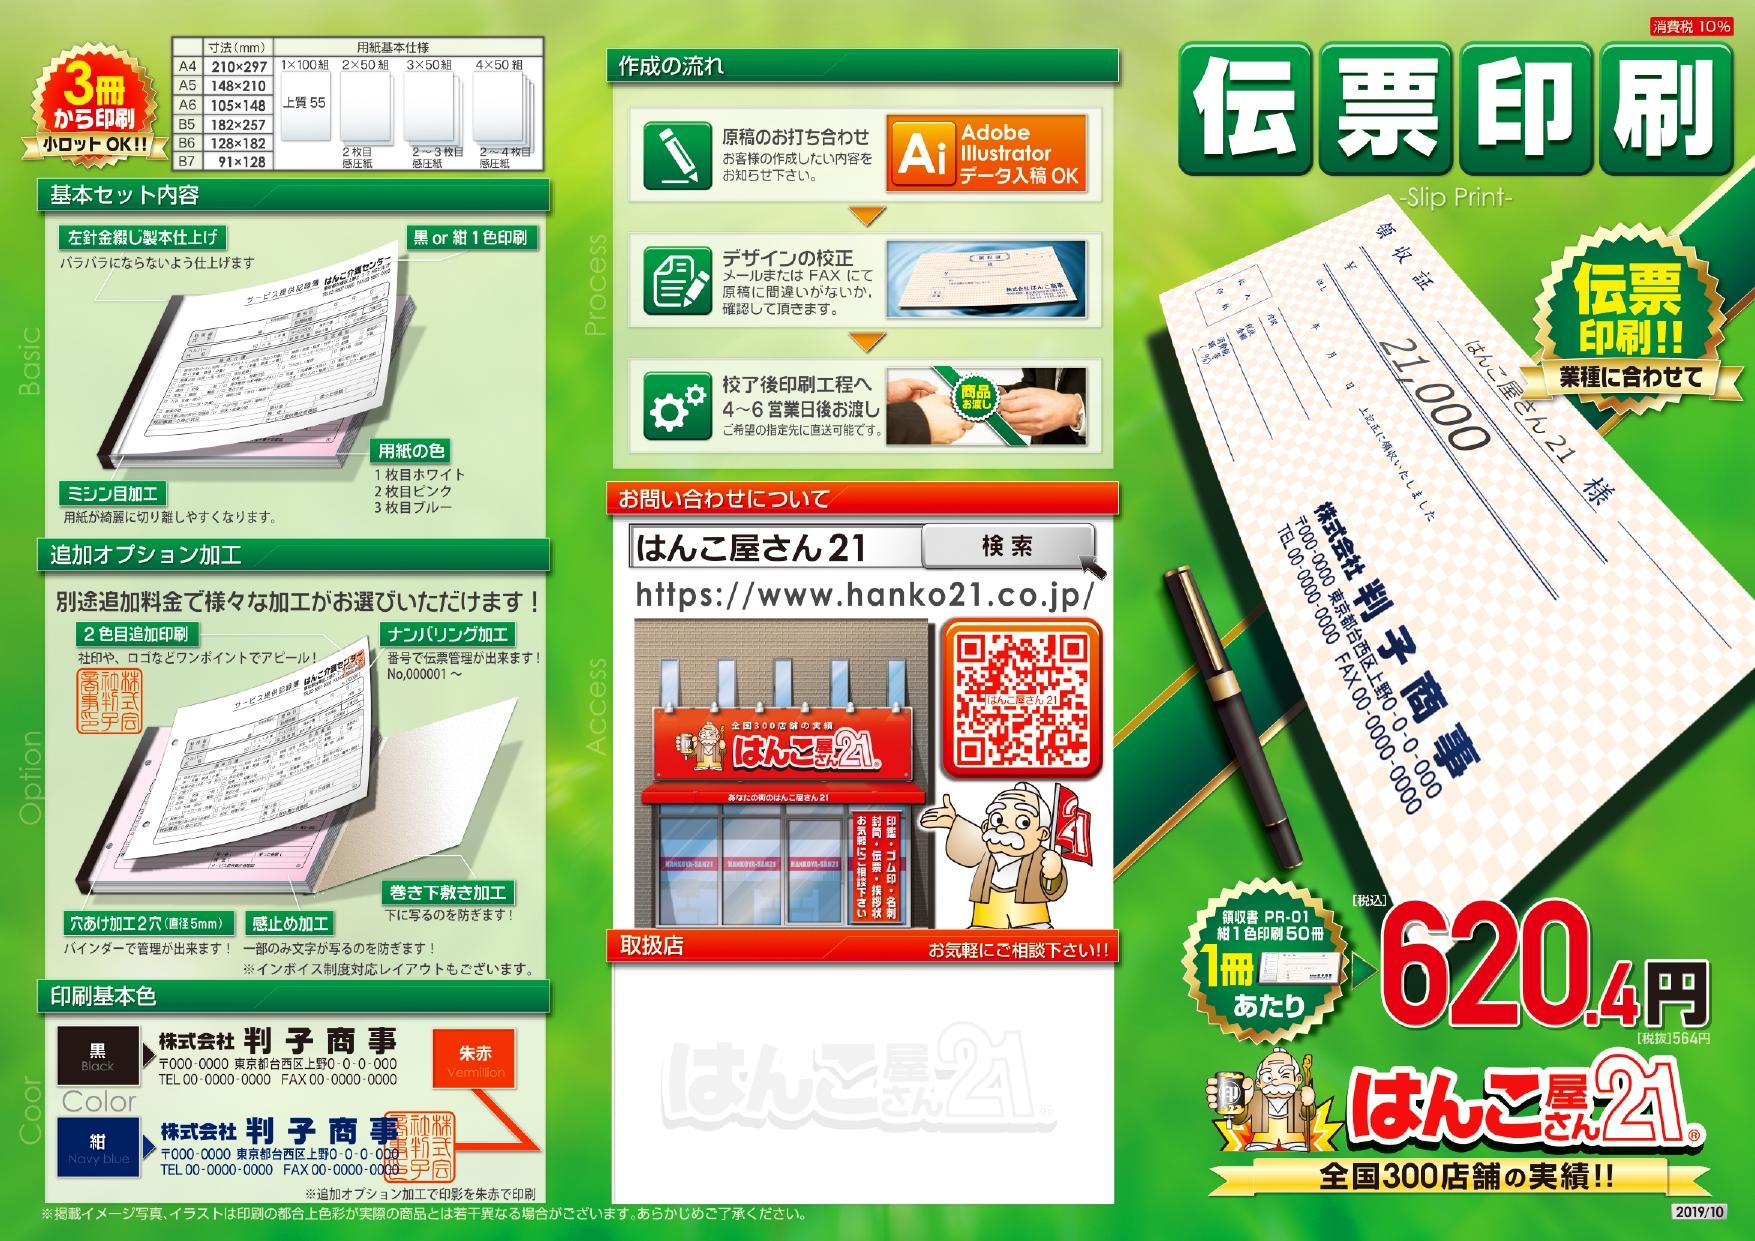 5-伝票リーフレット2019-10(消費税10%)_page-0001